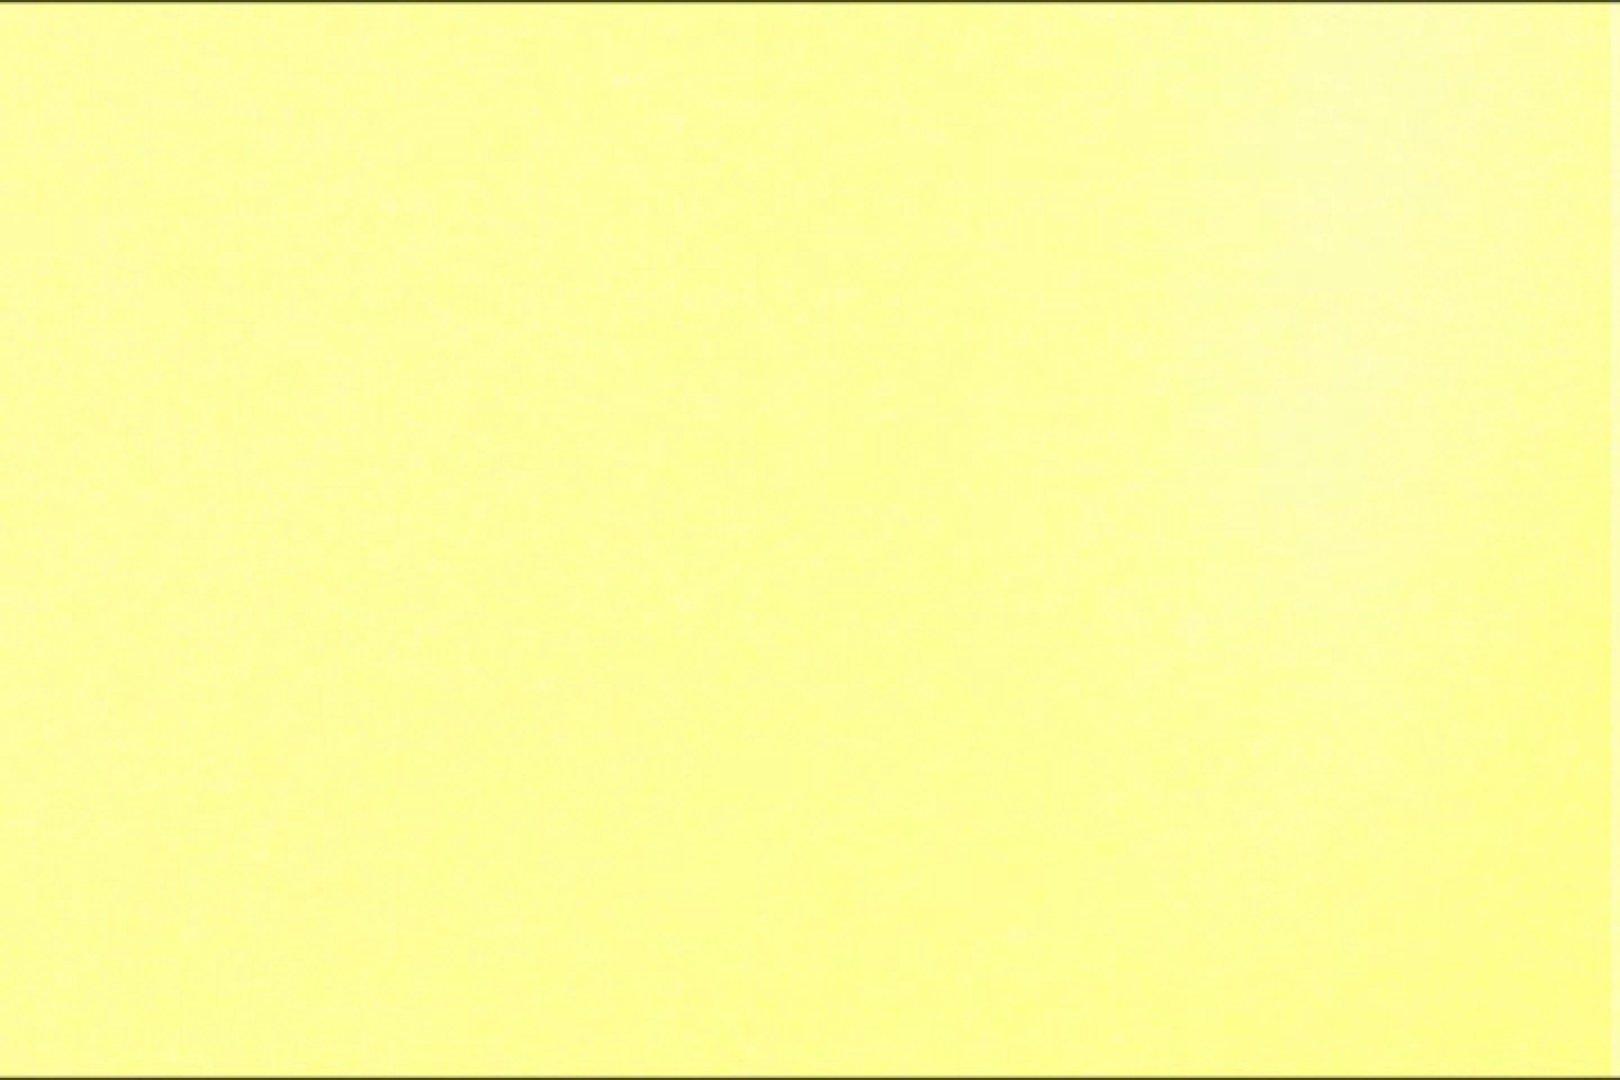 マンコ丸見え女子洗面所Vol.8 洗面所突入 オメコ無修正動画無料 98pic 24